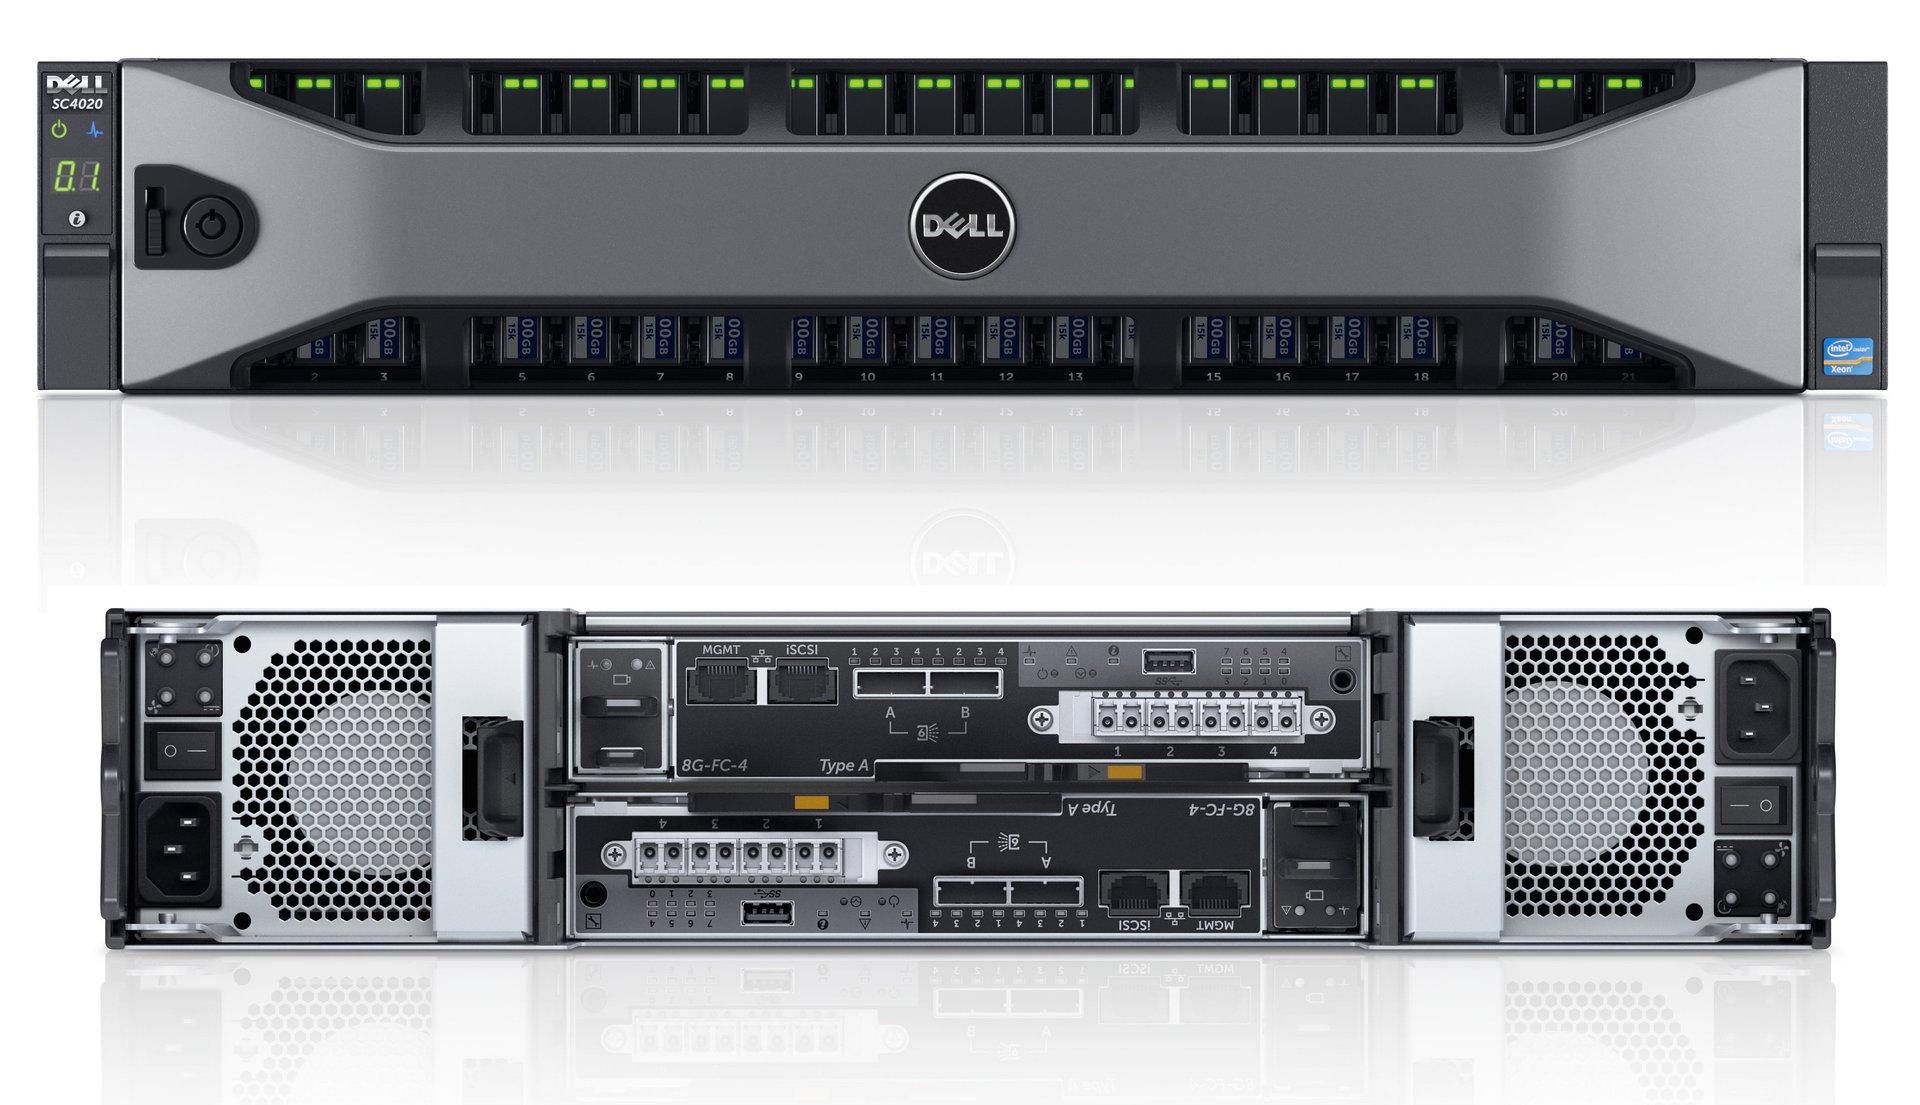 Компания Dell объявила о готовности серийного выпуска самых современных SSD накопителей, что за этим скрывается? - 2